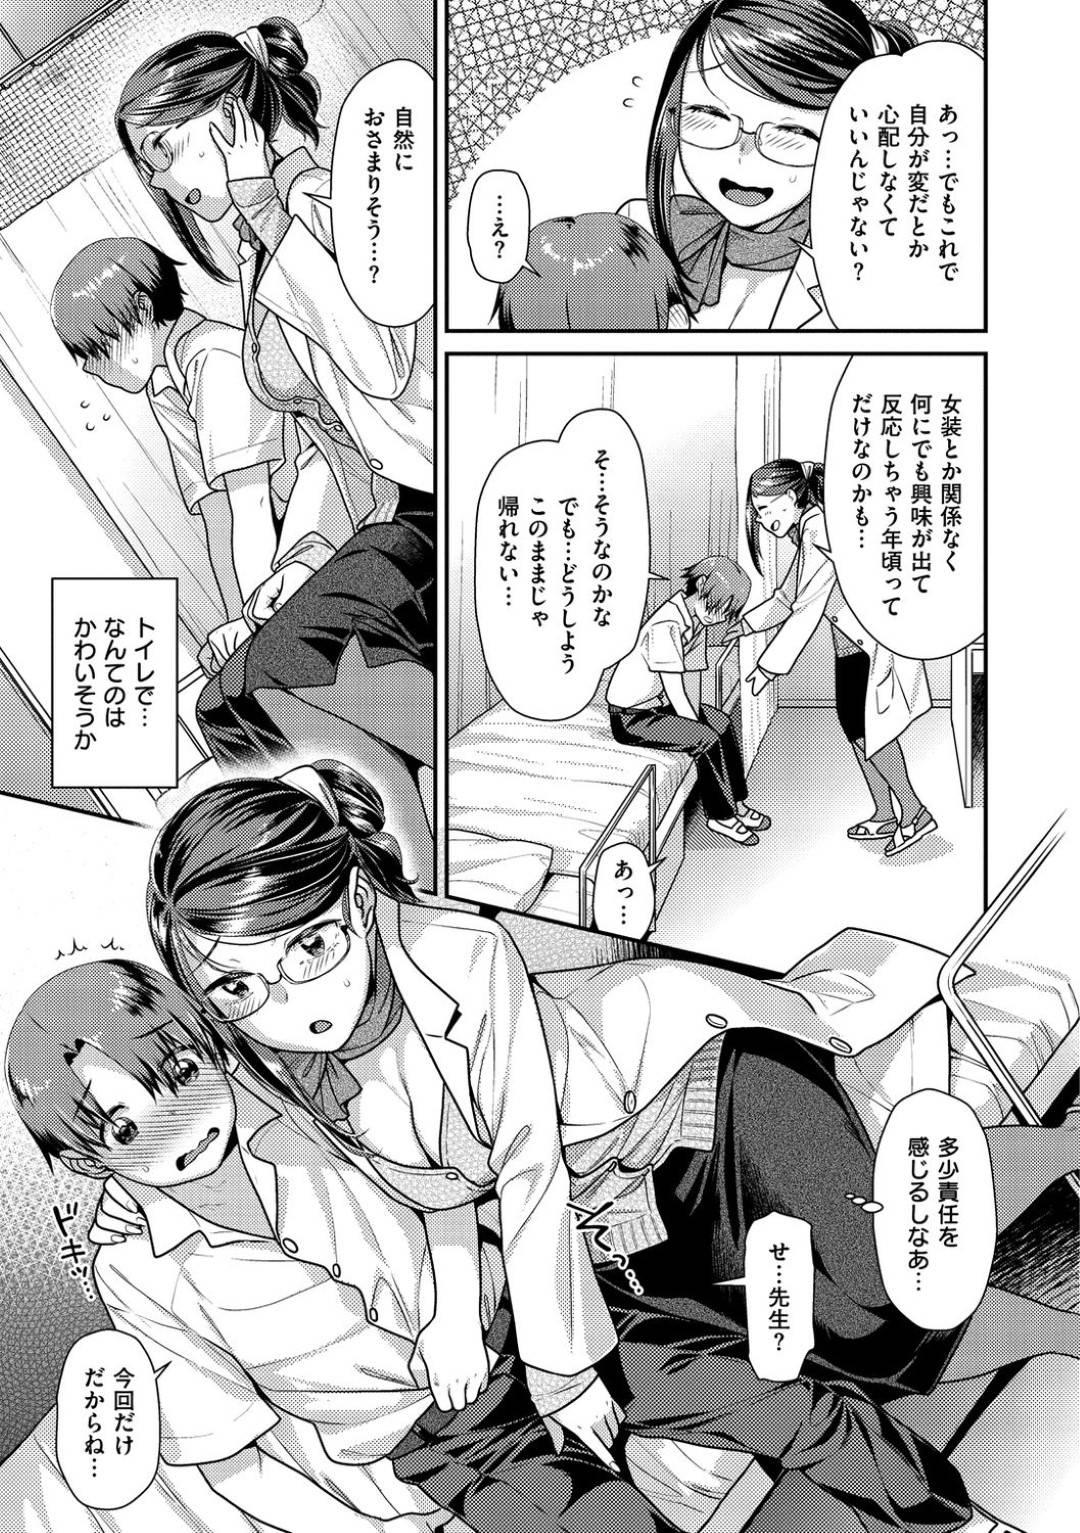 【エロ漫画】男子生徒に好かれている保健室教員…勃起したチンポに気づき責任を感じてお手伝いをしてあげることにしたが抑えきれず生挿入!ダメだとわかっていても気持ちよすぎて中出し!【ねこまたなおみ】